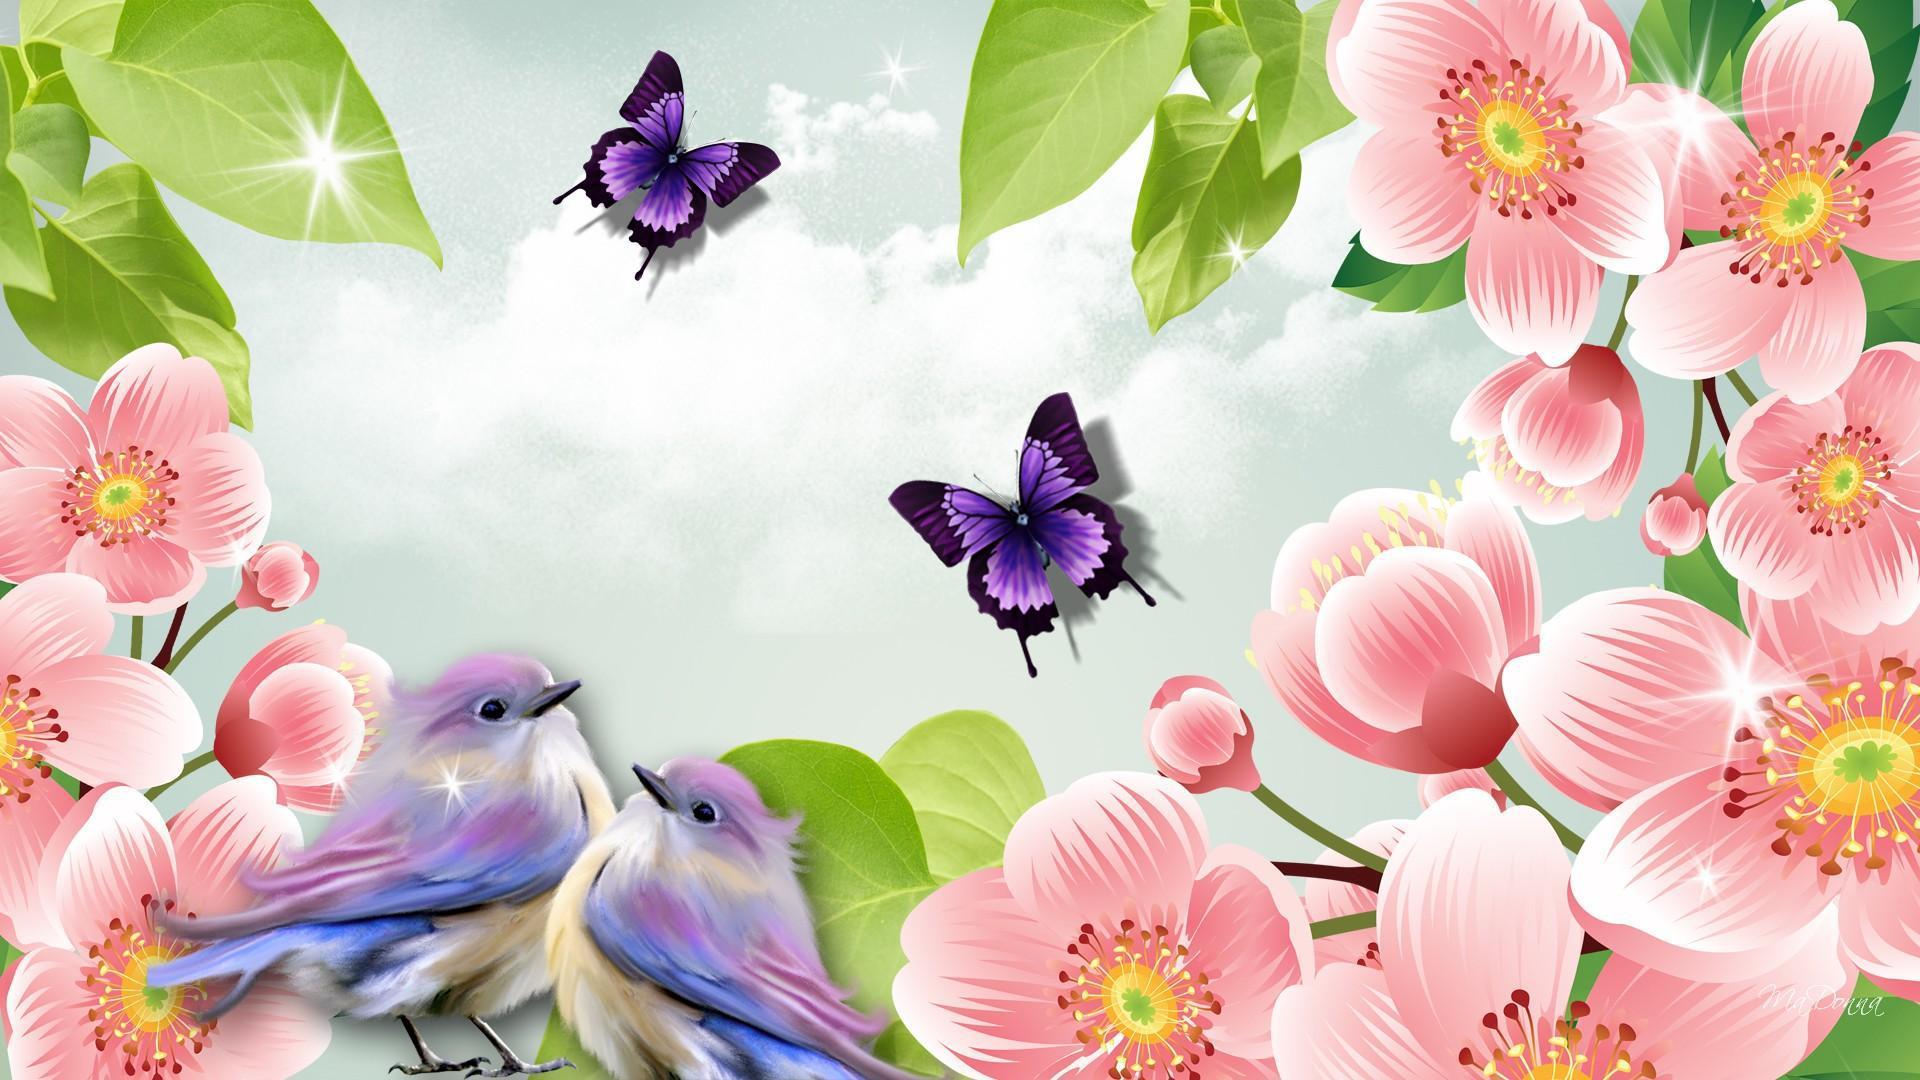 Spring Summer HD desktop wallpaper Widescreen High Definition 1920x1080